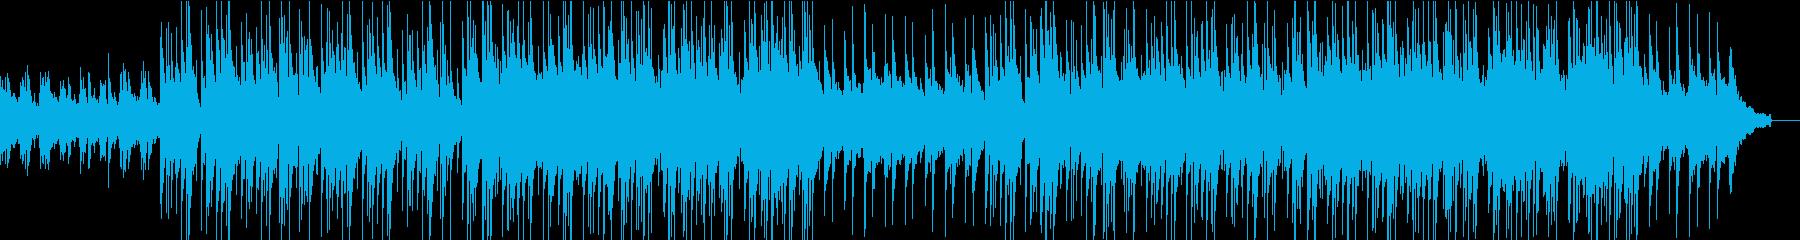 爽やかで清涼感のあるアコギソングの再生済みの波形